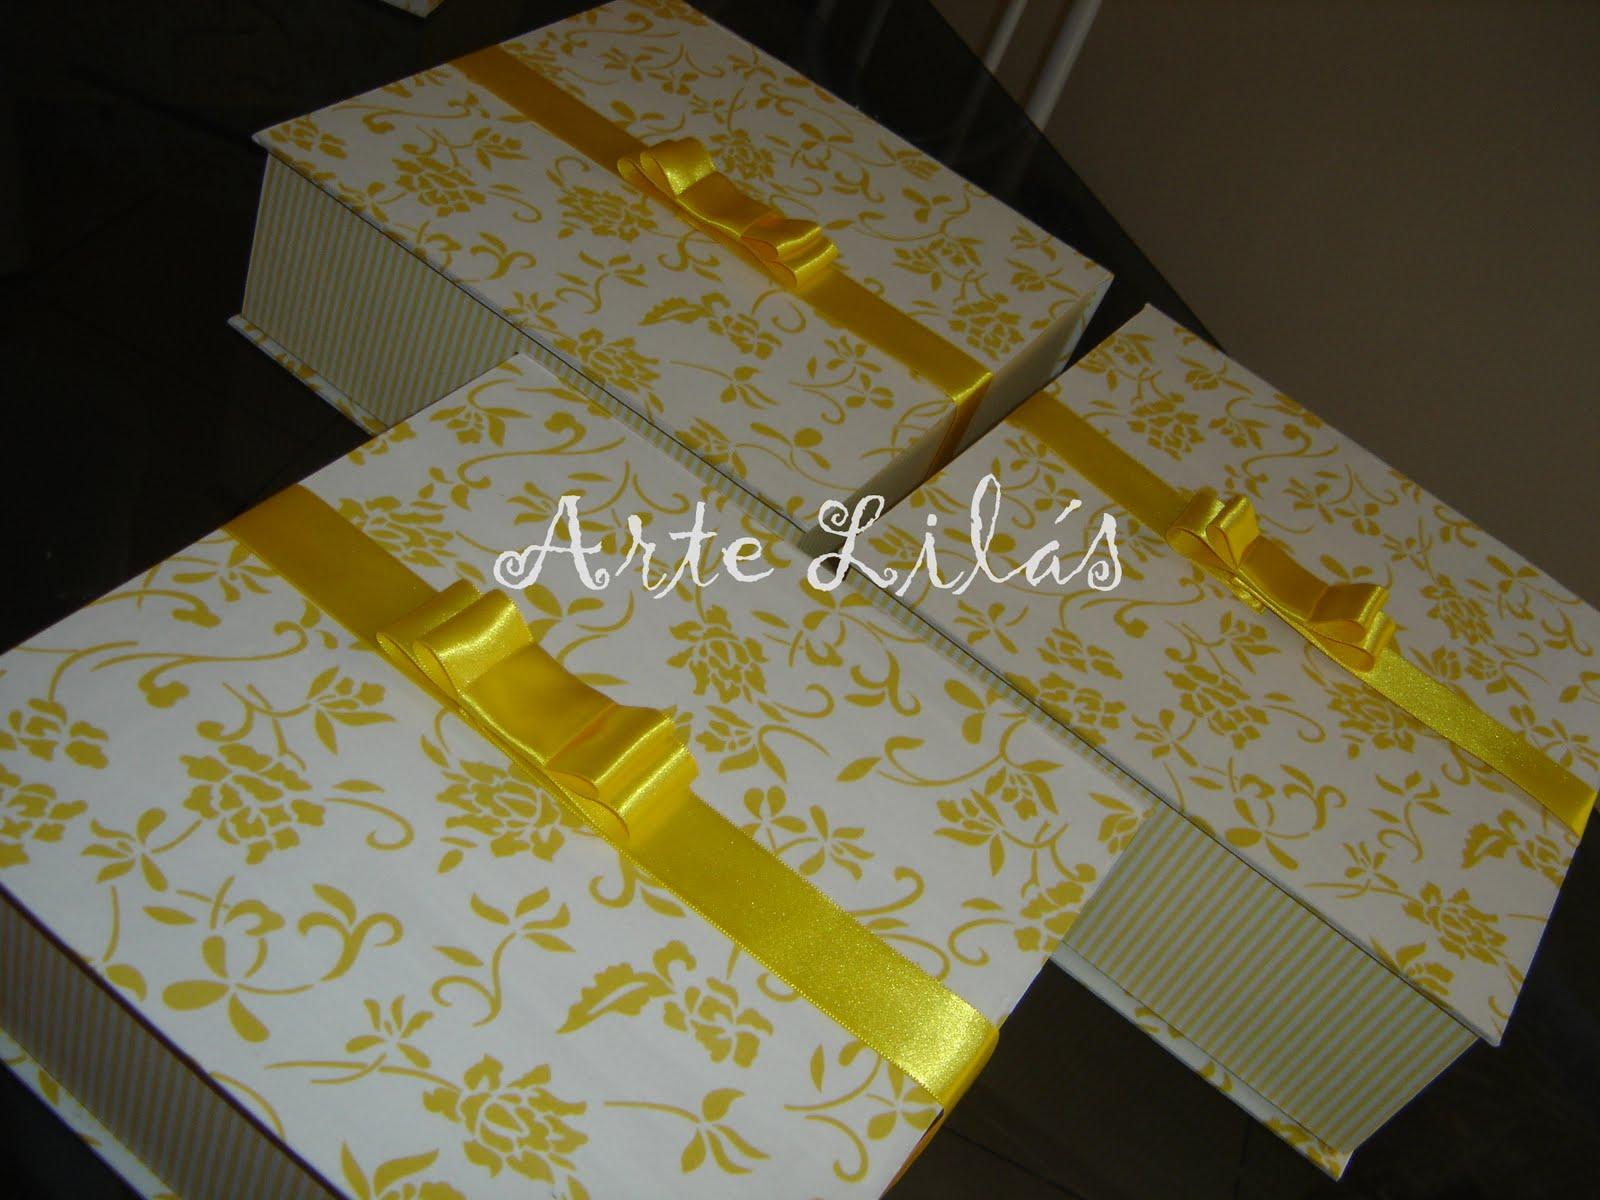 Caixas de presente aos pais Katia e Alberto #B19D0F 1600x1200